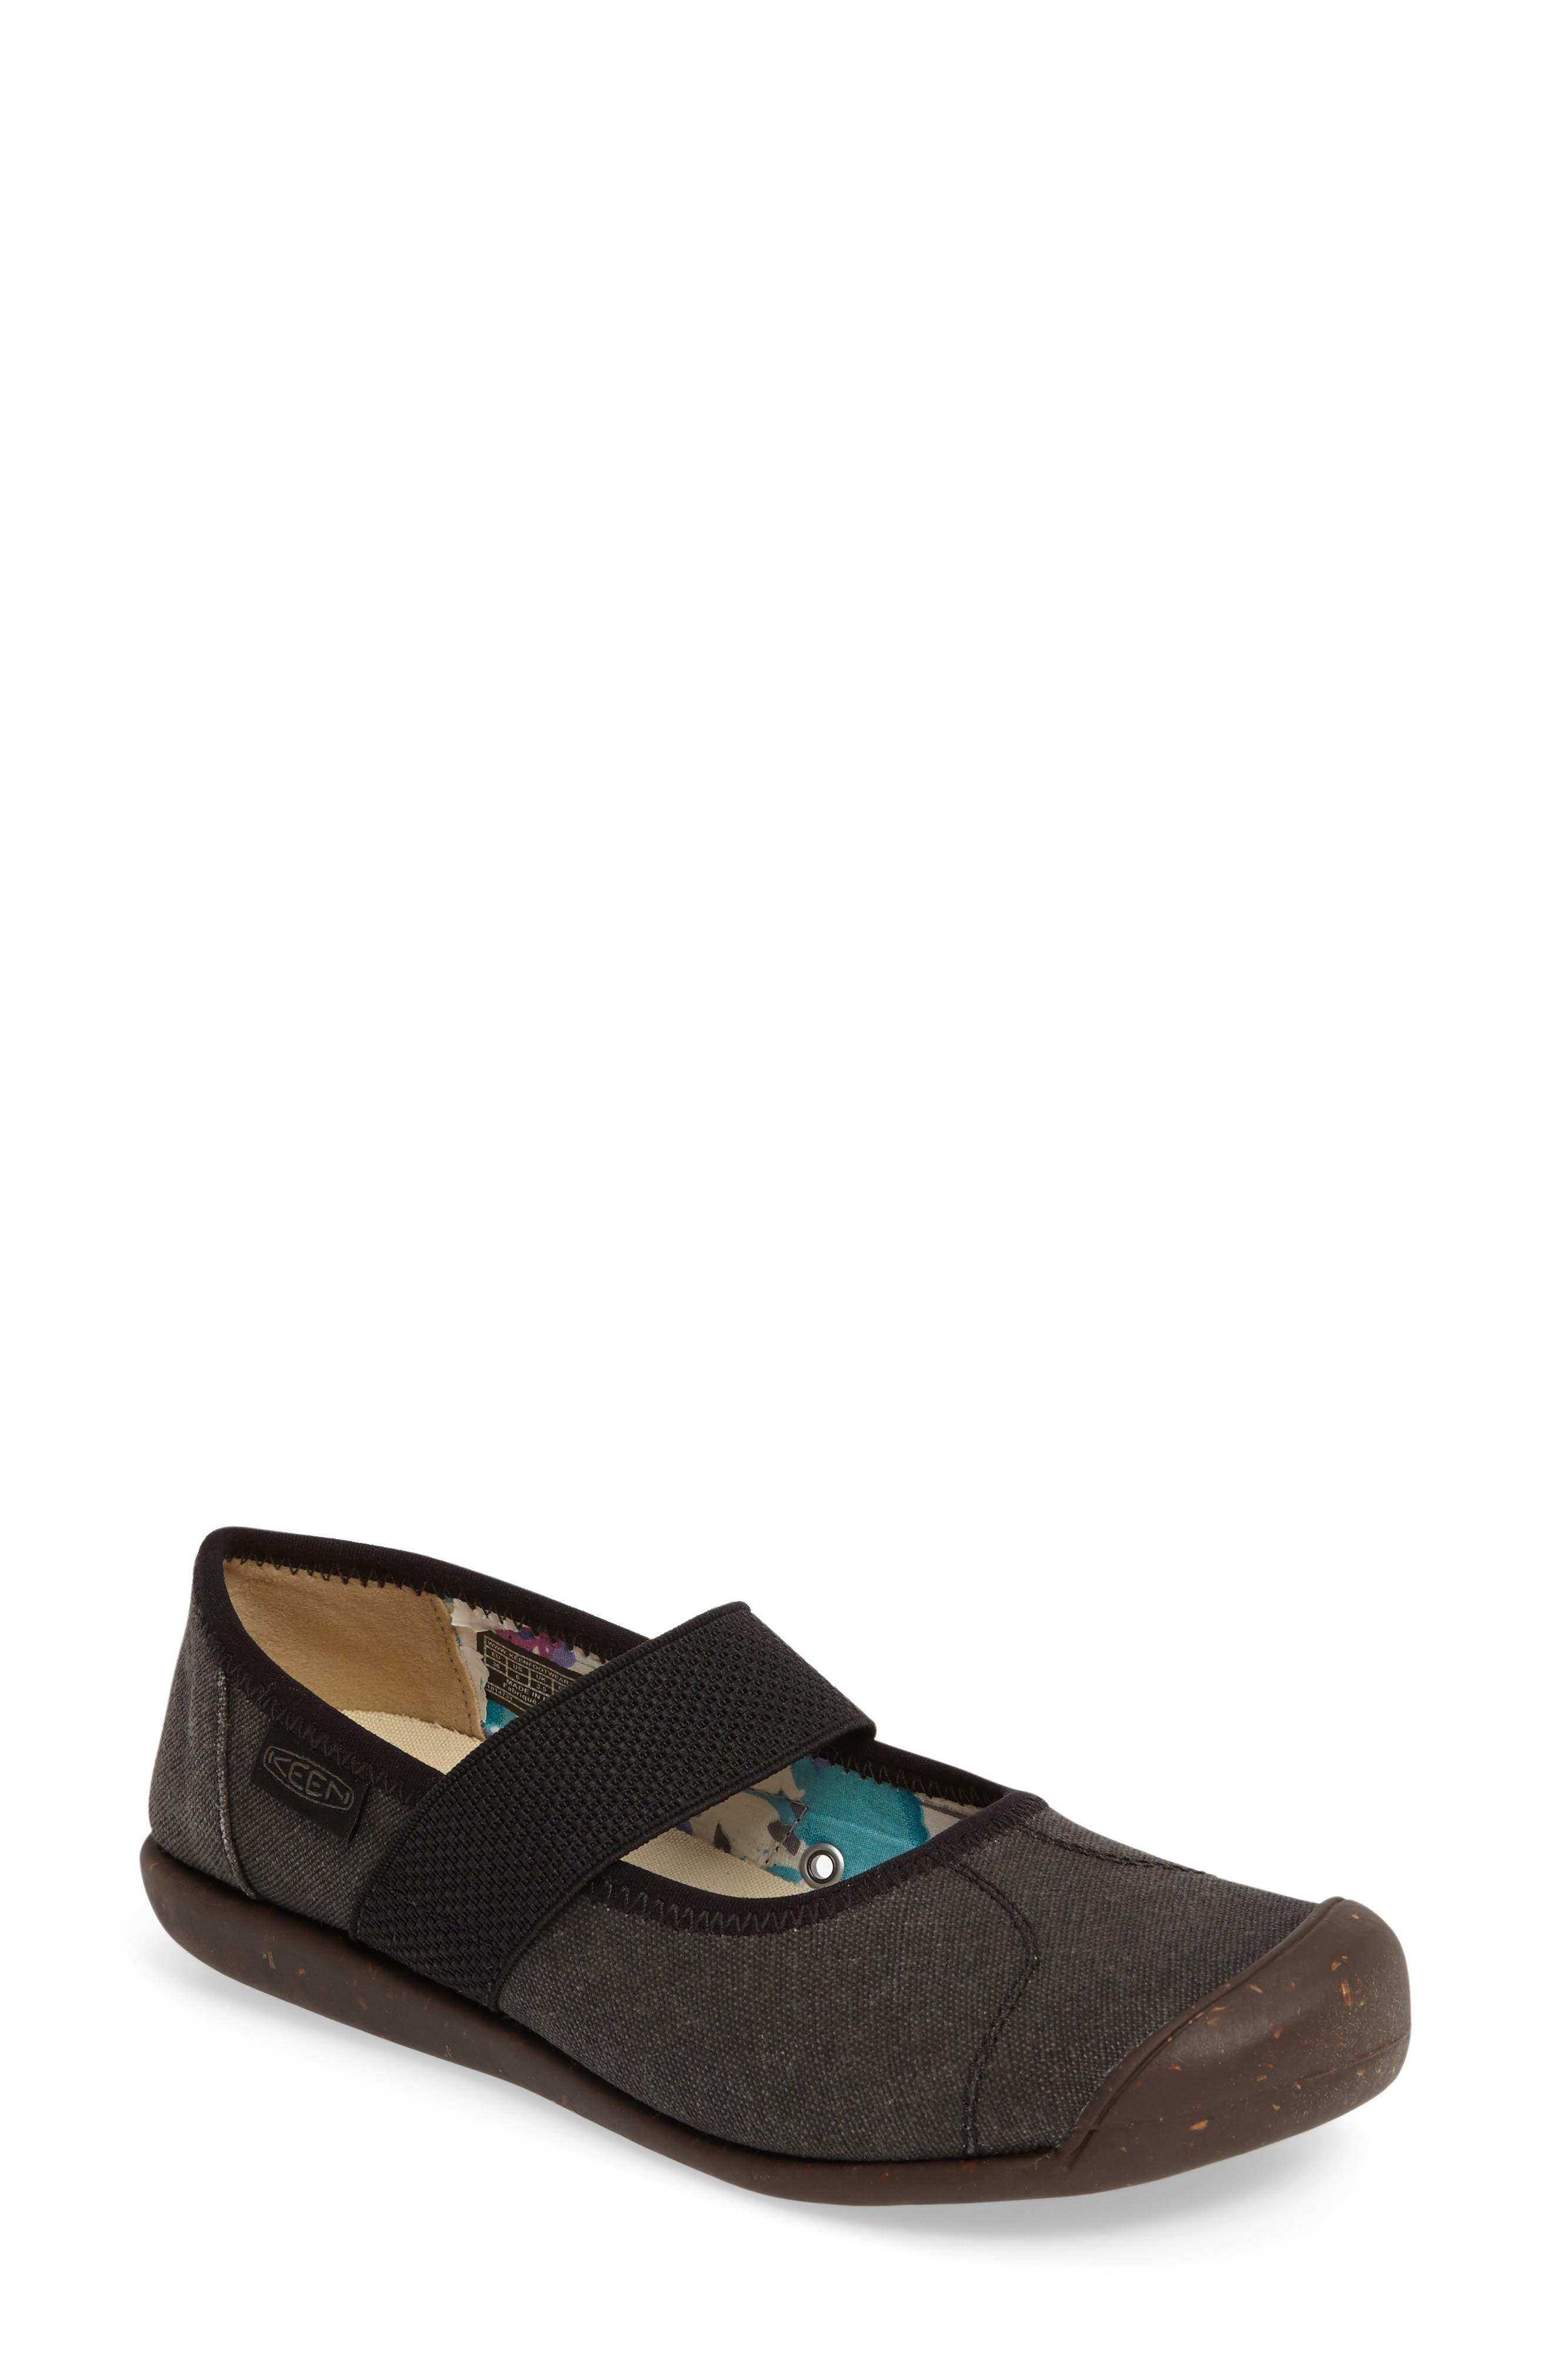 039aaf301e2d Keen Women s Shoes